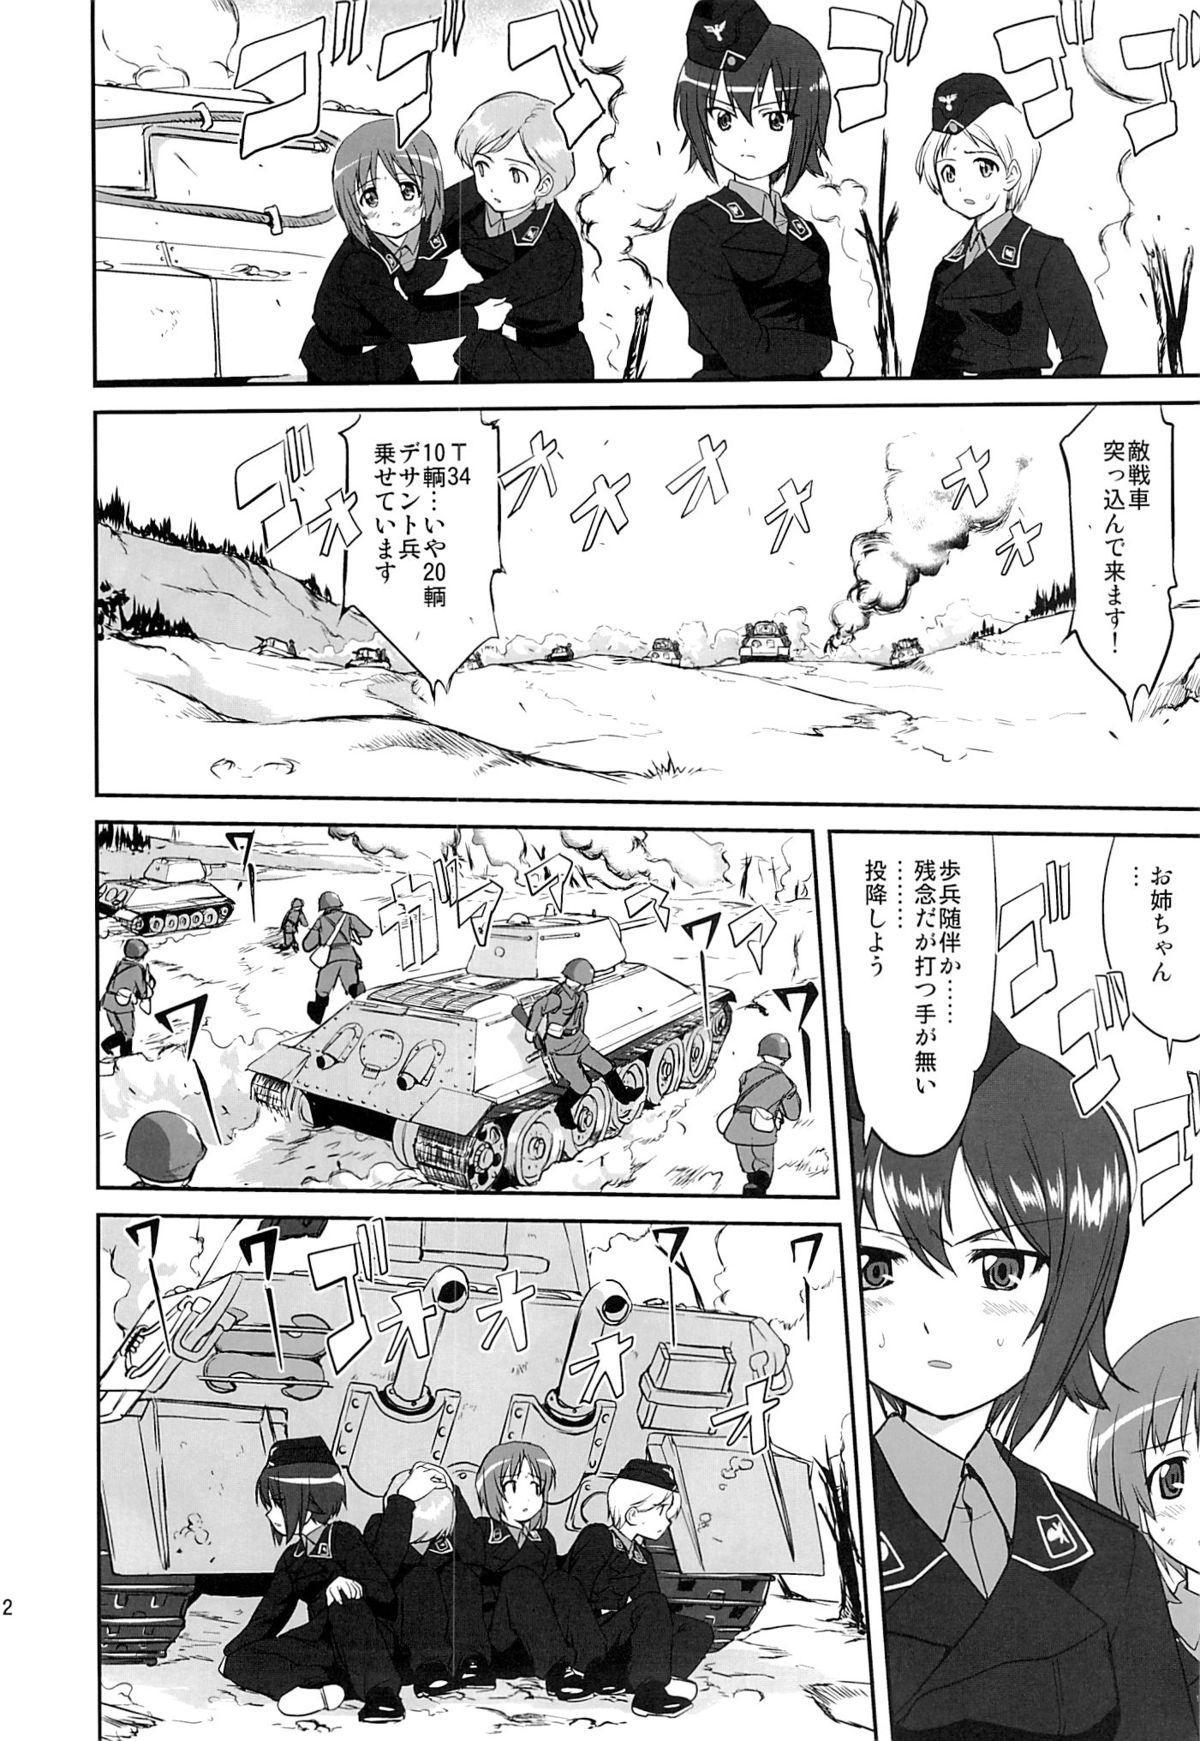 Yukiyukite Senshadou 8